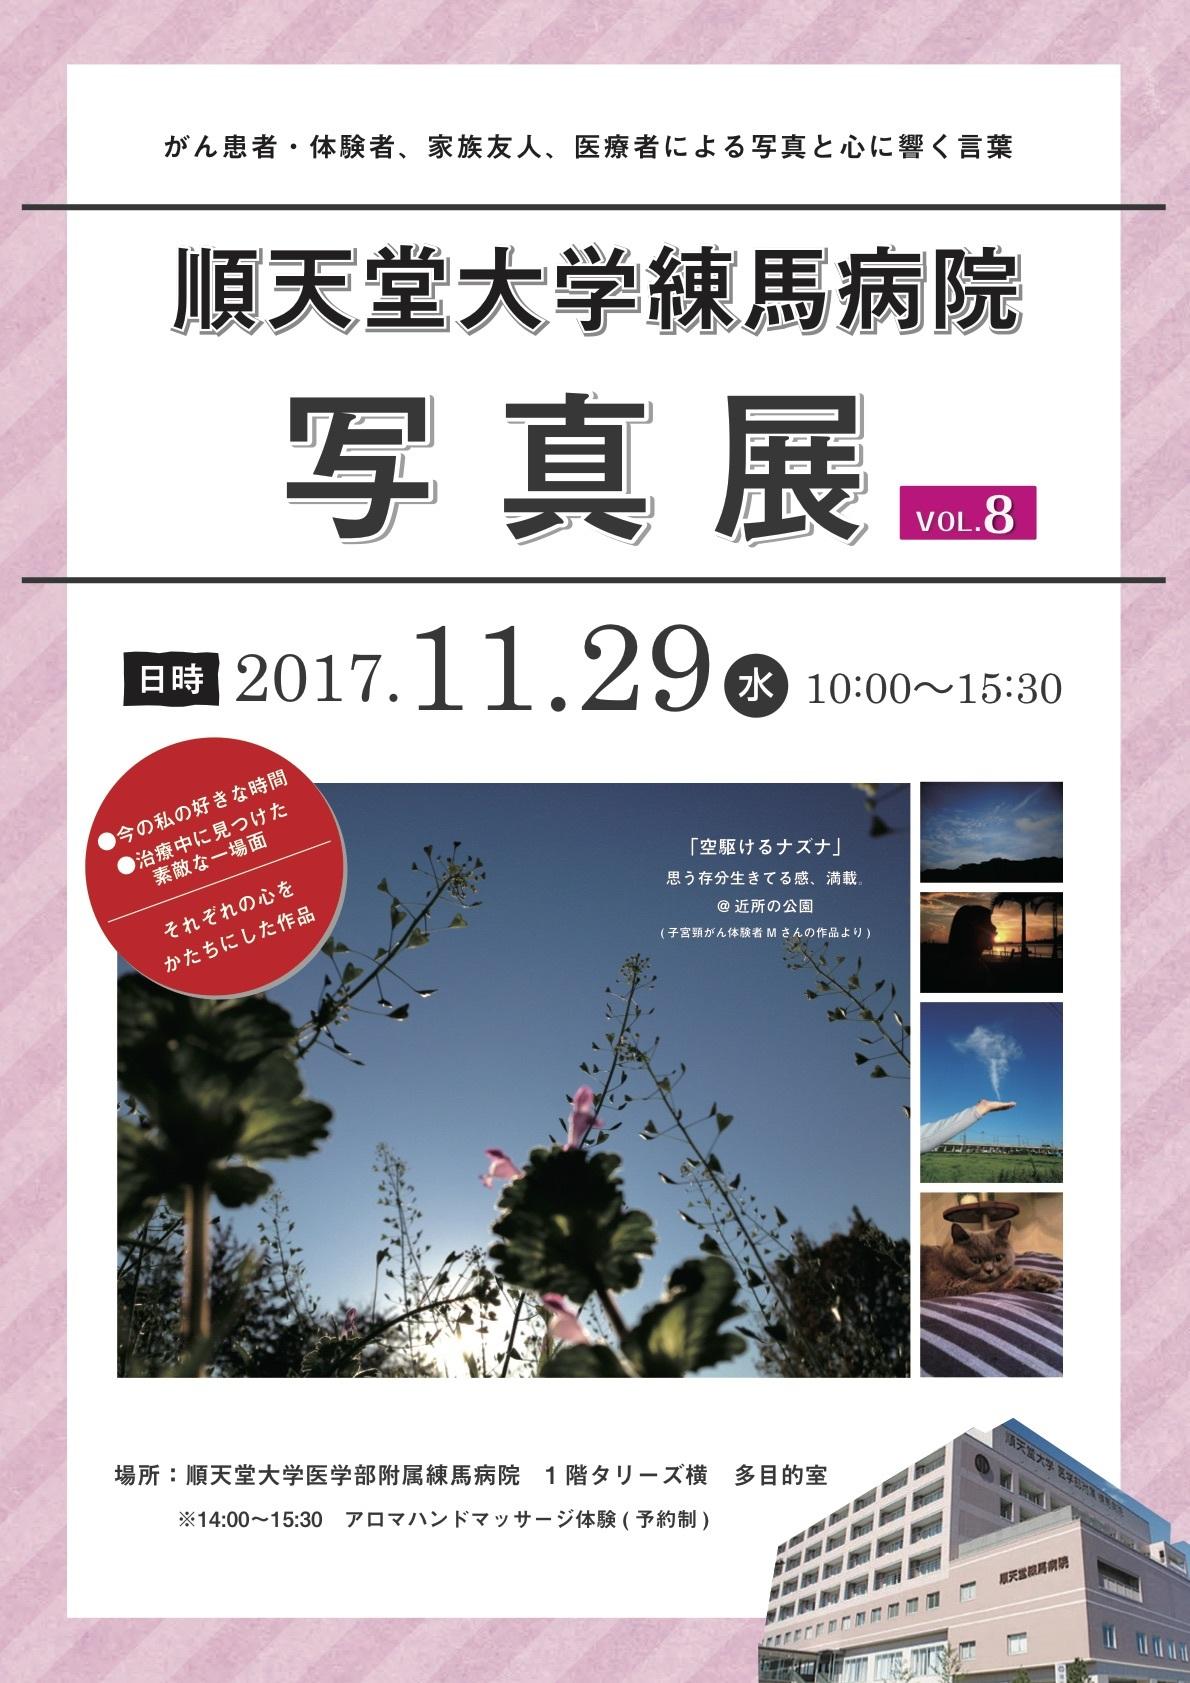 写真展vol.8ポスター